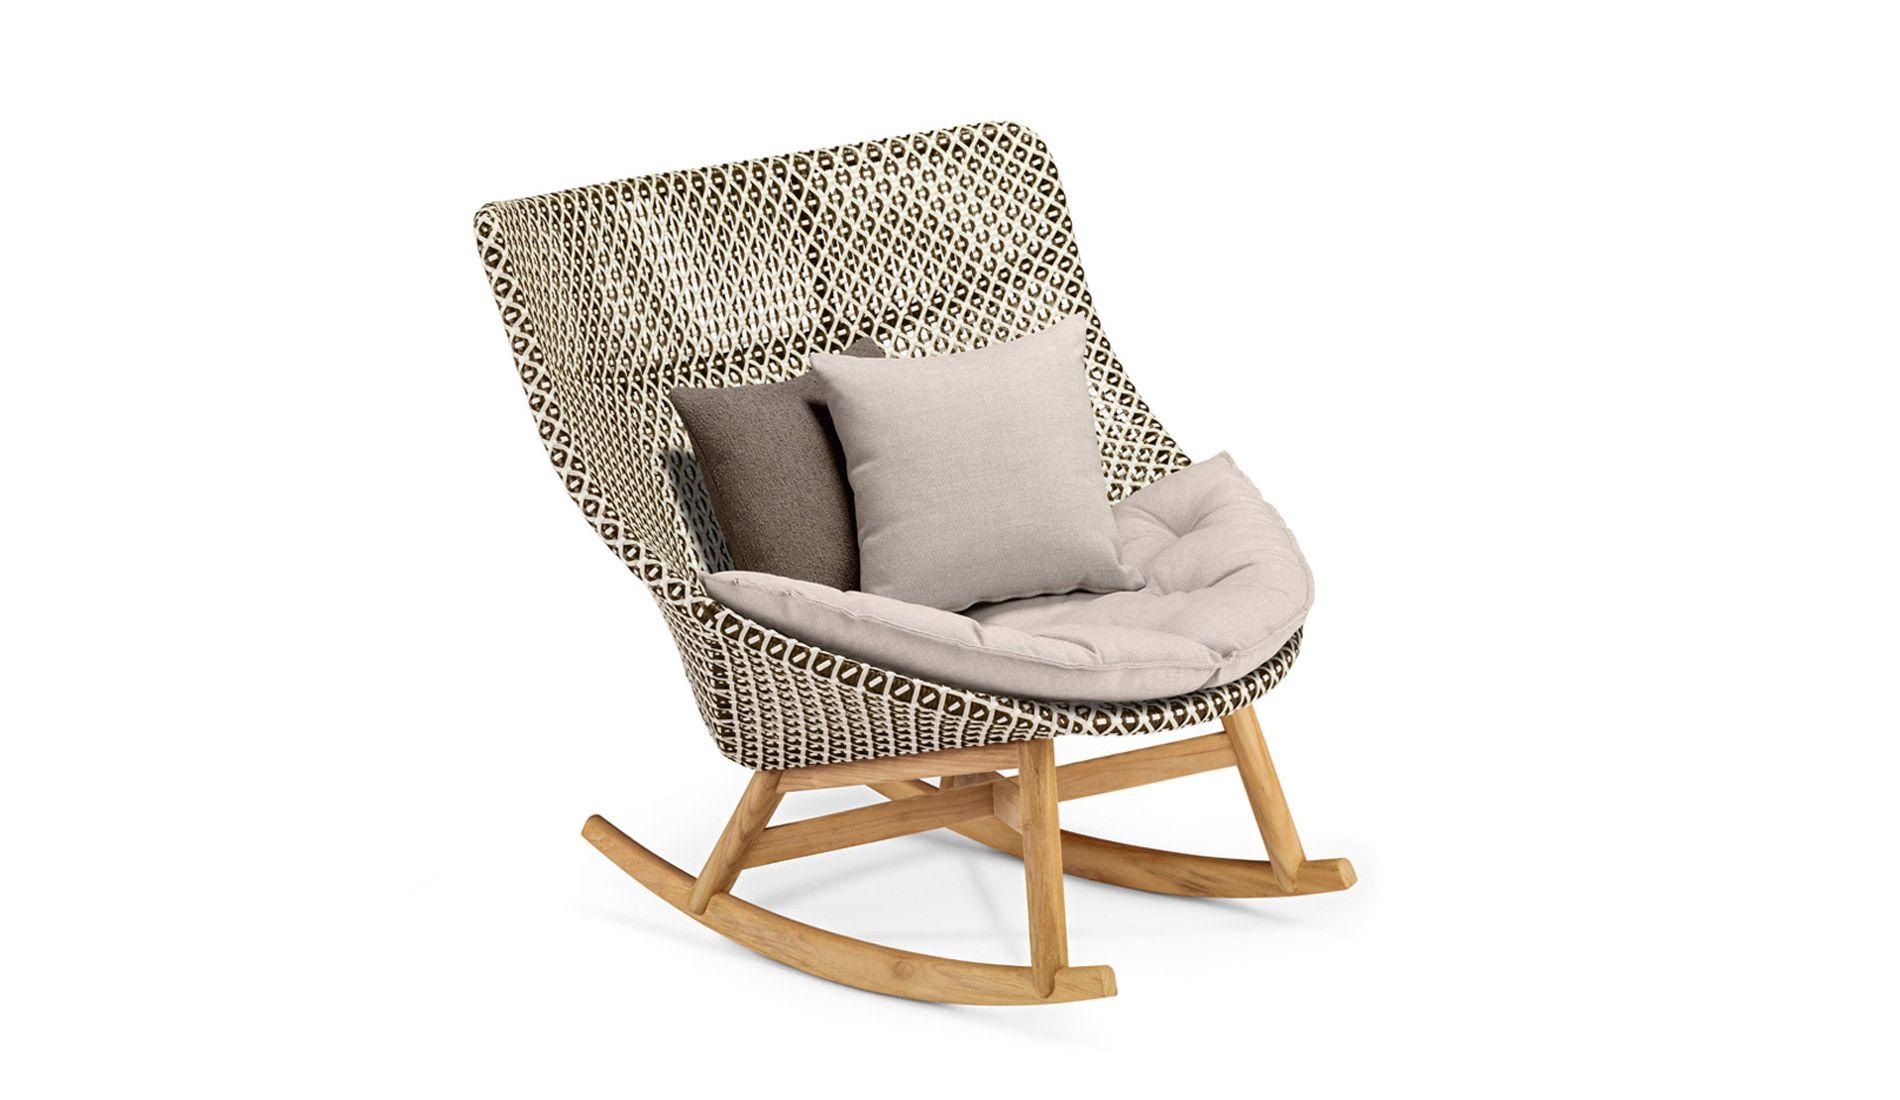 Dedon Mbrace Schaukelstuhl Rocking Chair Chair Outdoor